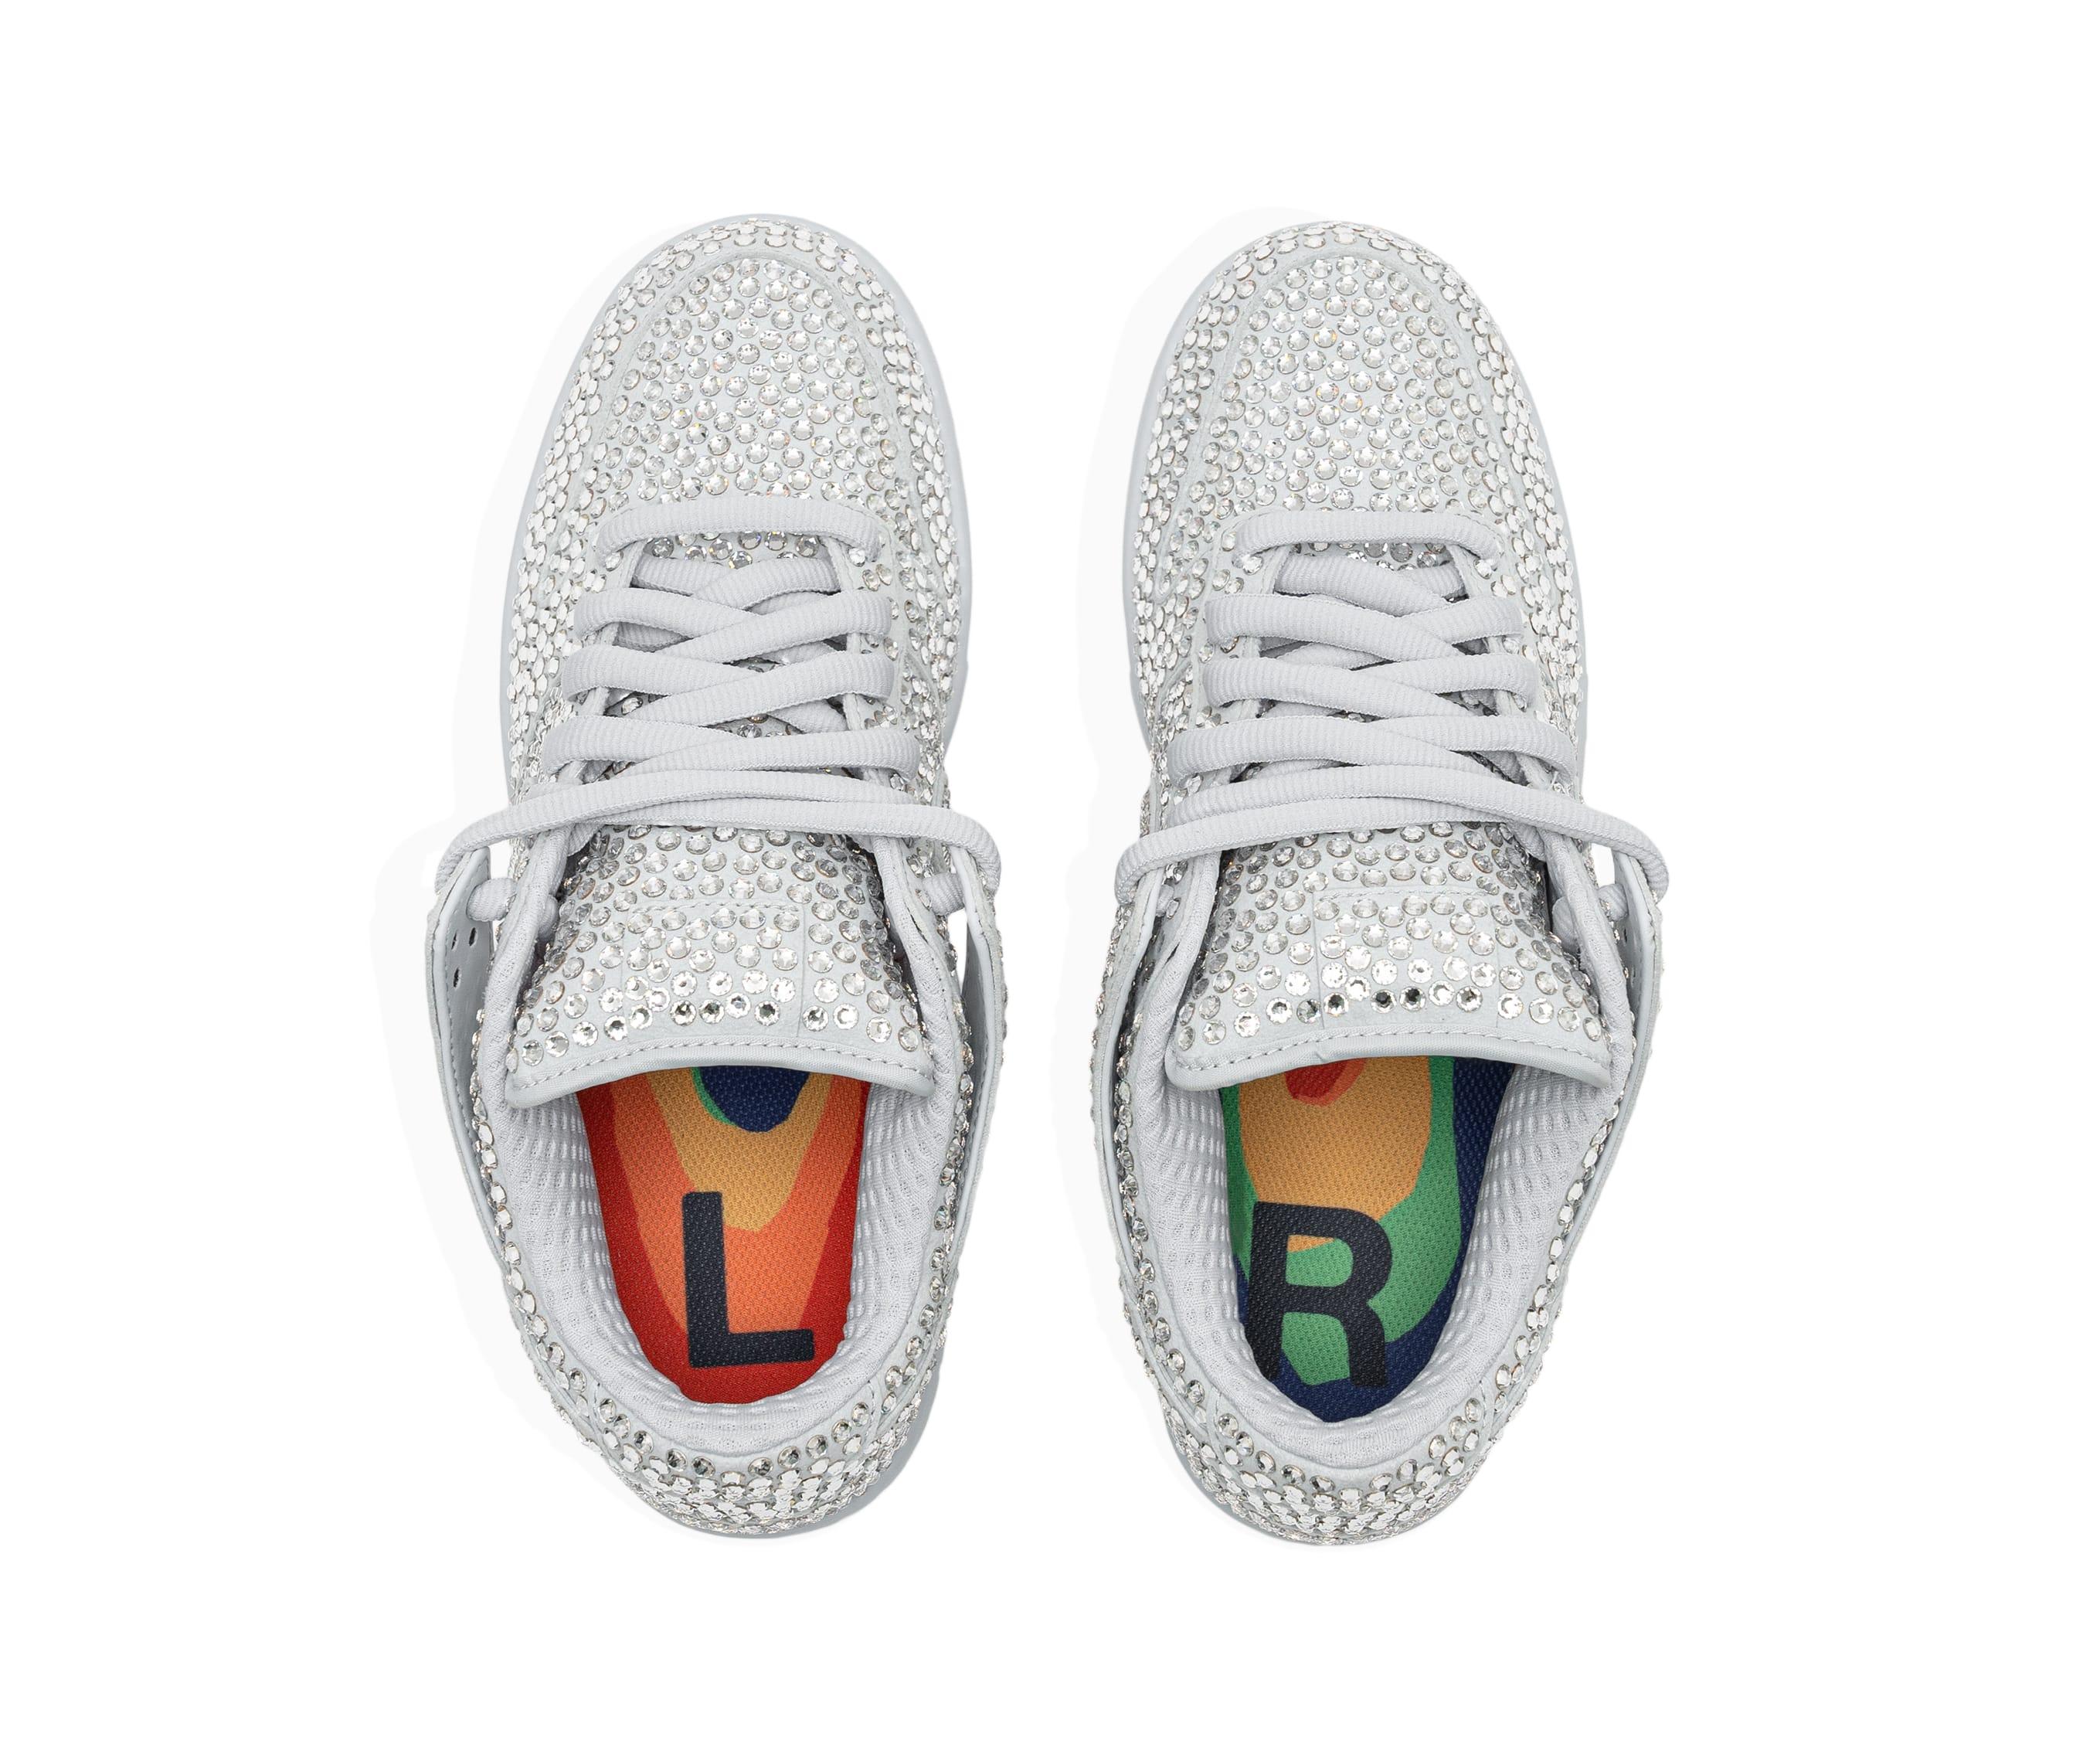 Cactus Plant Flea Market x Nike Dunk Low 'Platinum' Top